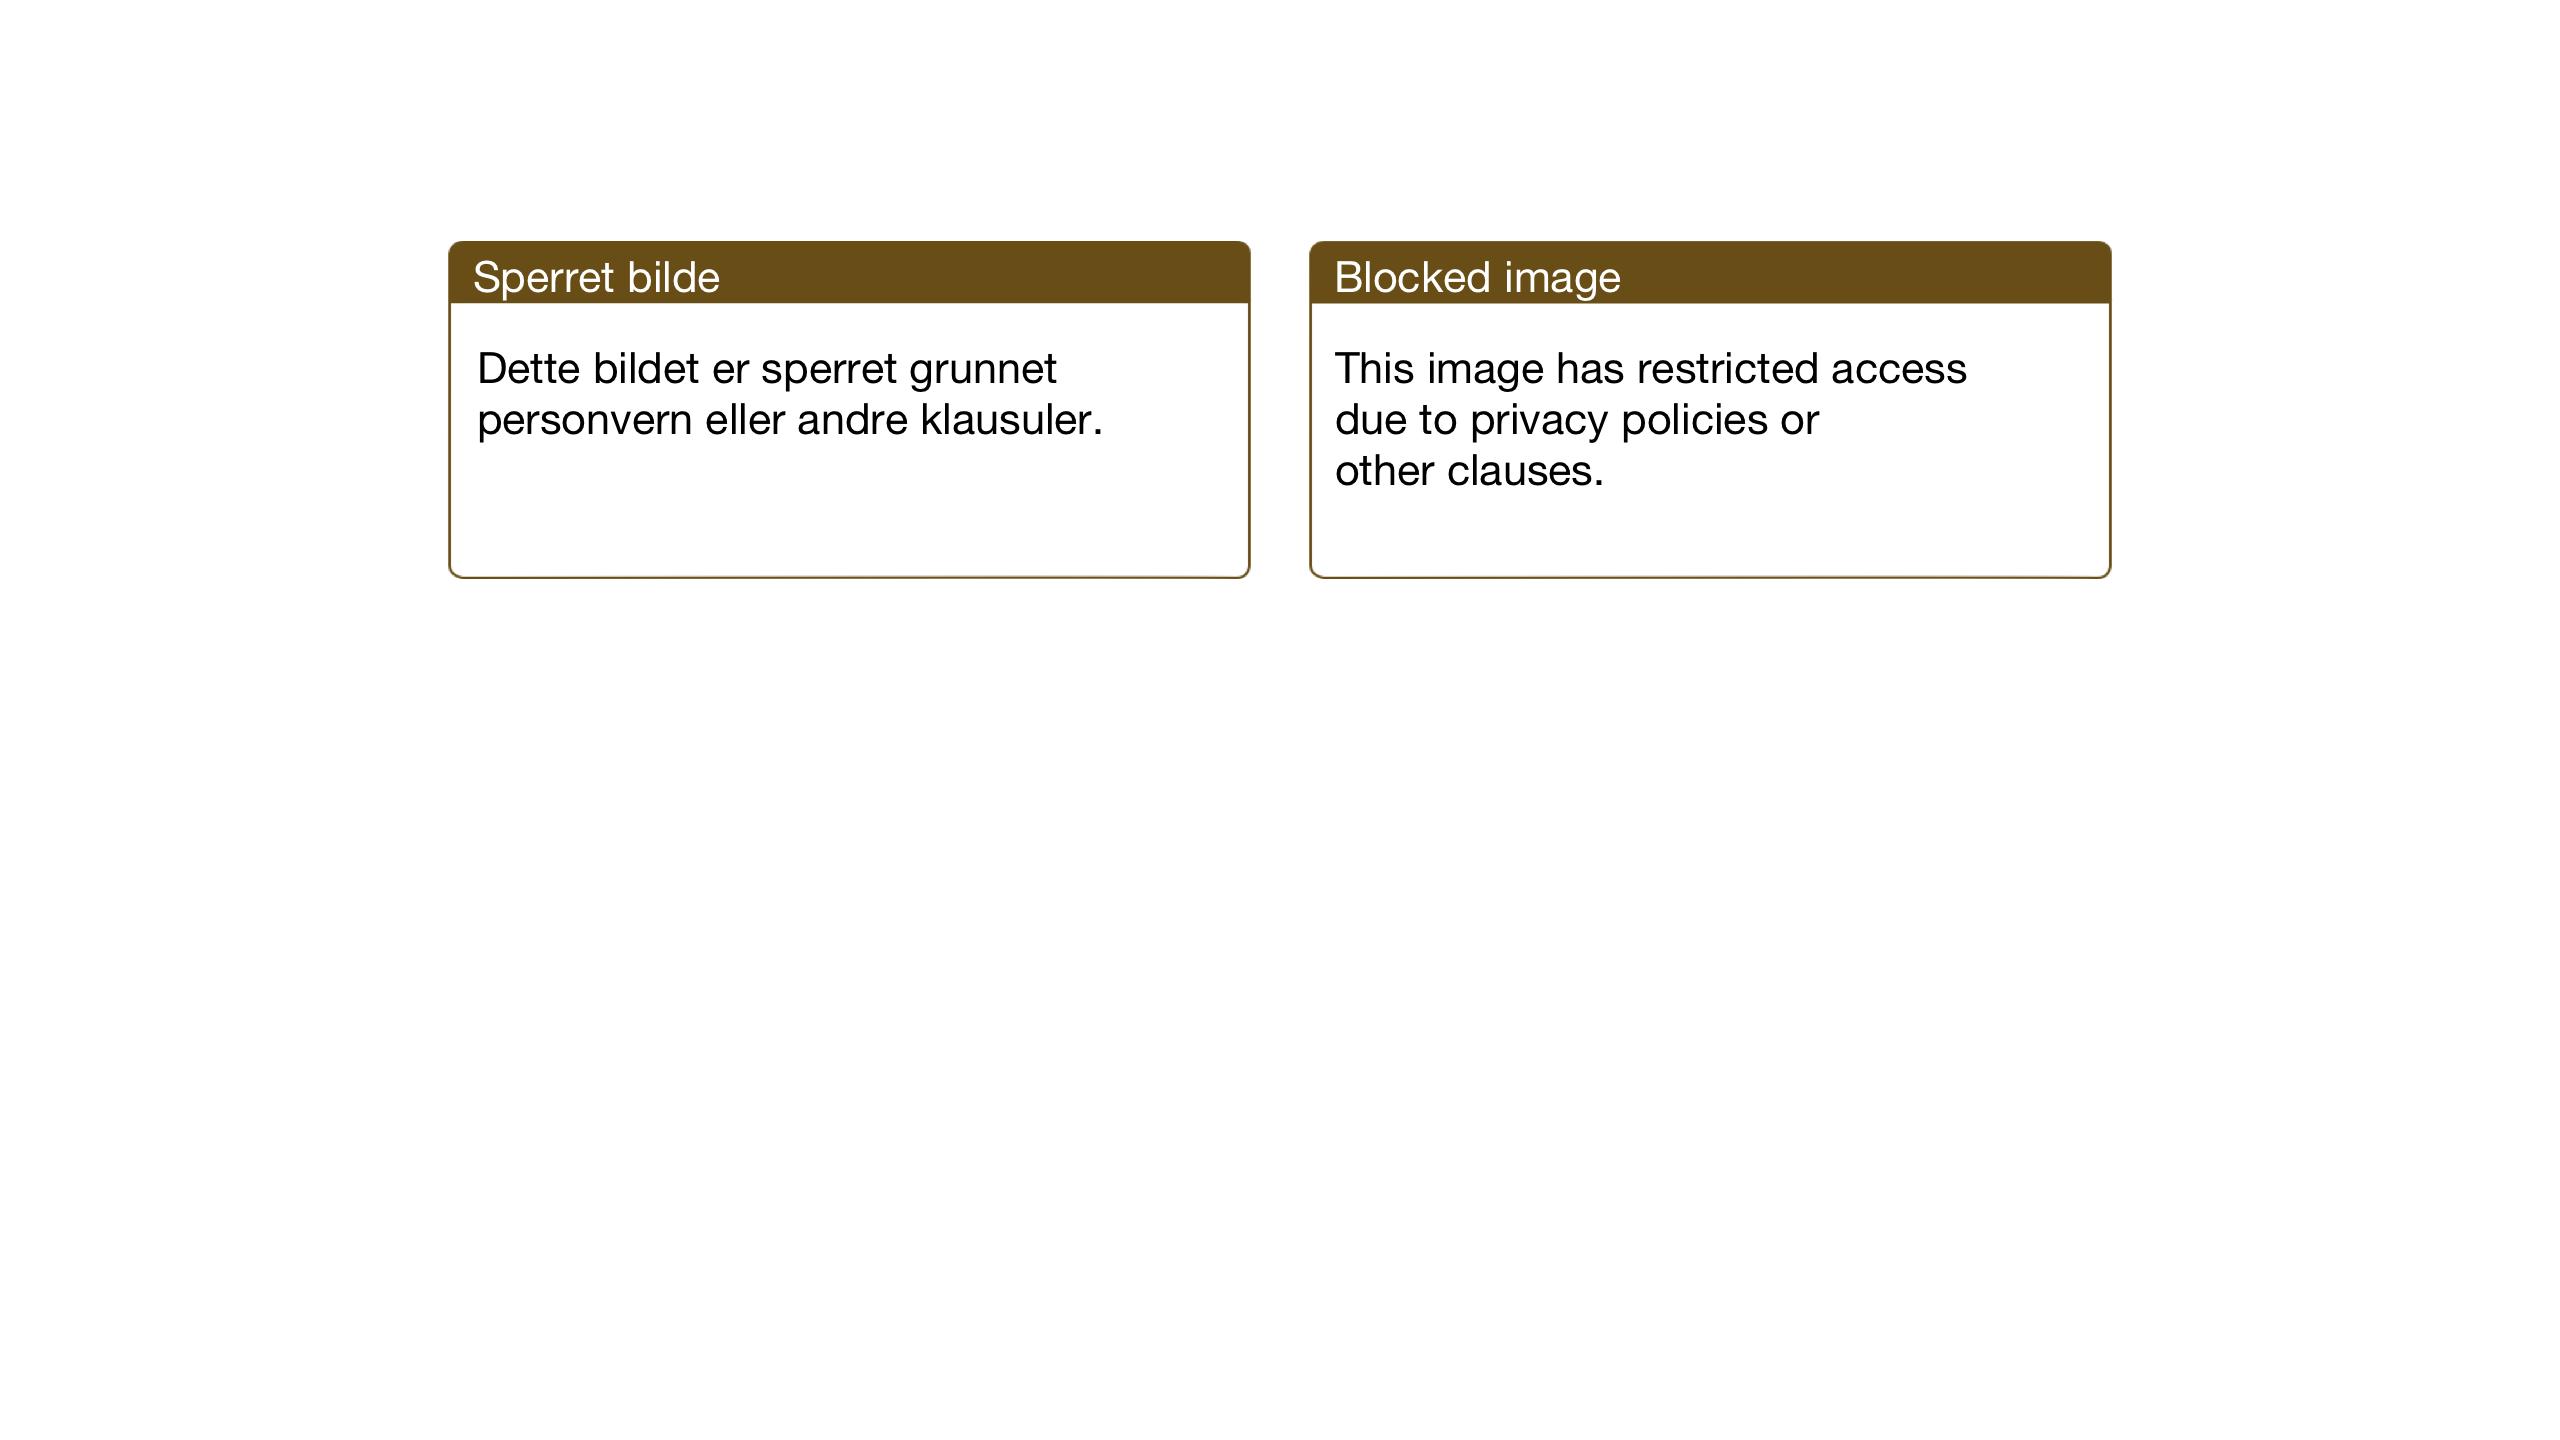 SAT, Ministerialprotokoller, klokkerbøker og fødselsregistre - Sør-Trøndelag, 659/L0747: Klokkerbok nr. 659C04, 1913-1938, s. 261